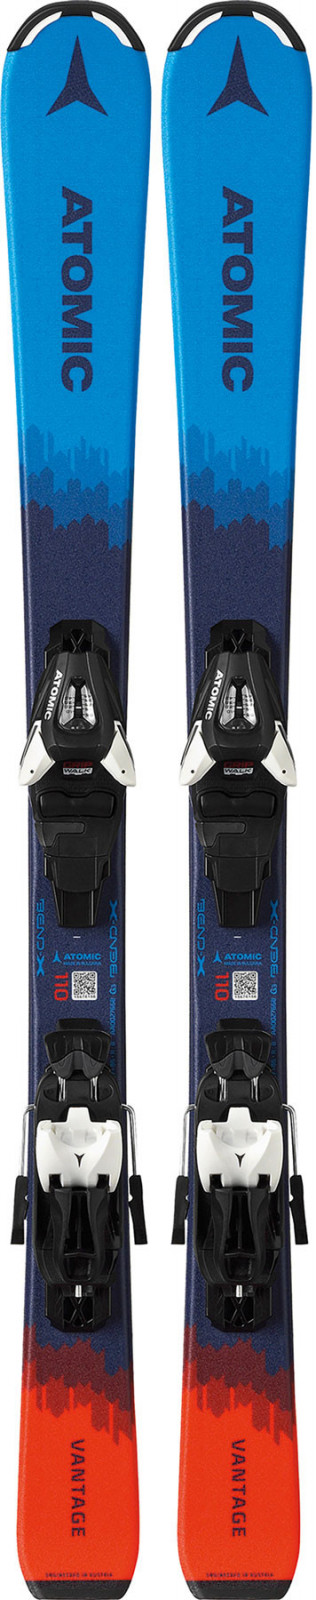 Atomic Vantage Jr 100-120cm + C5 GW